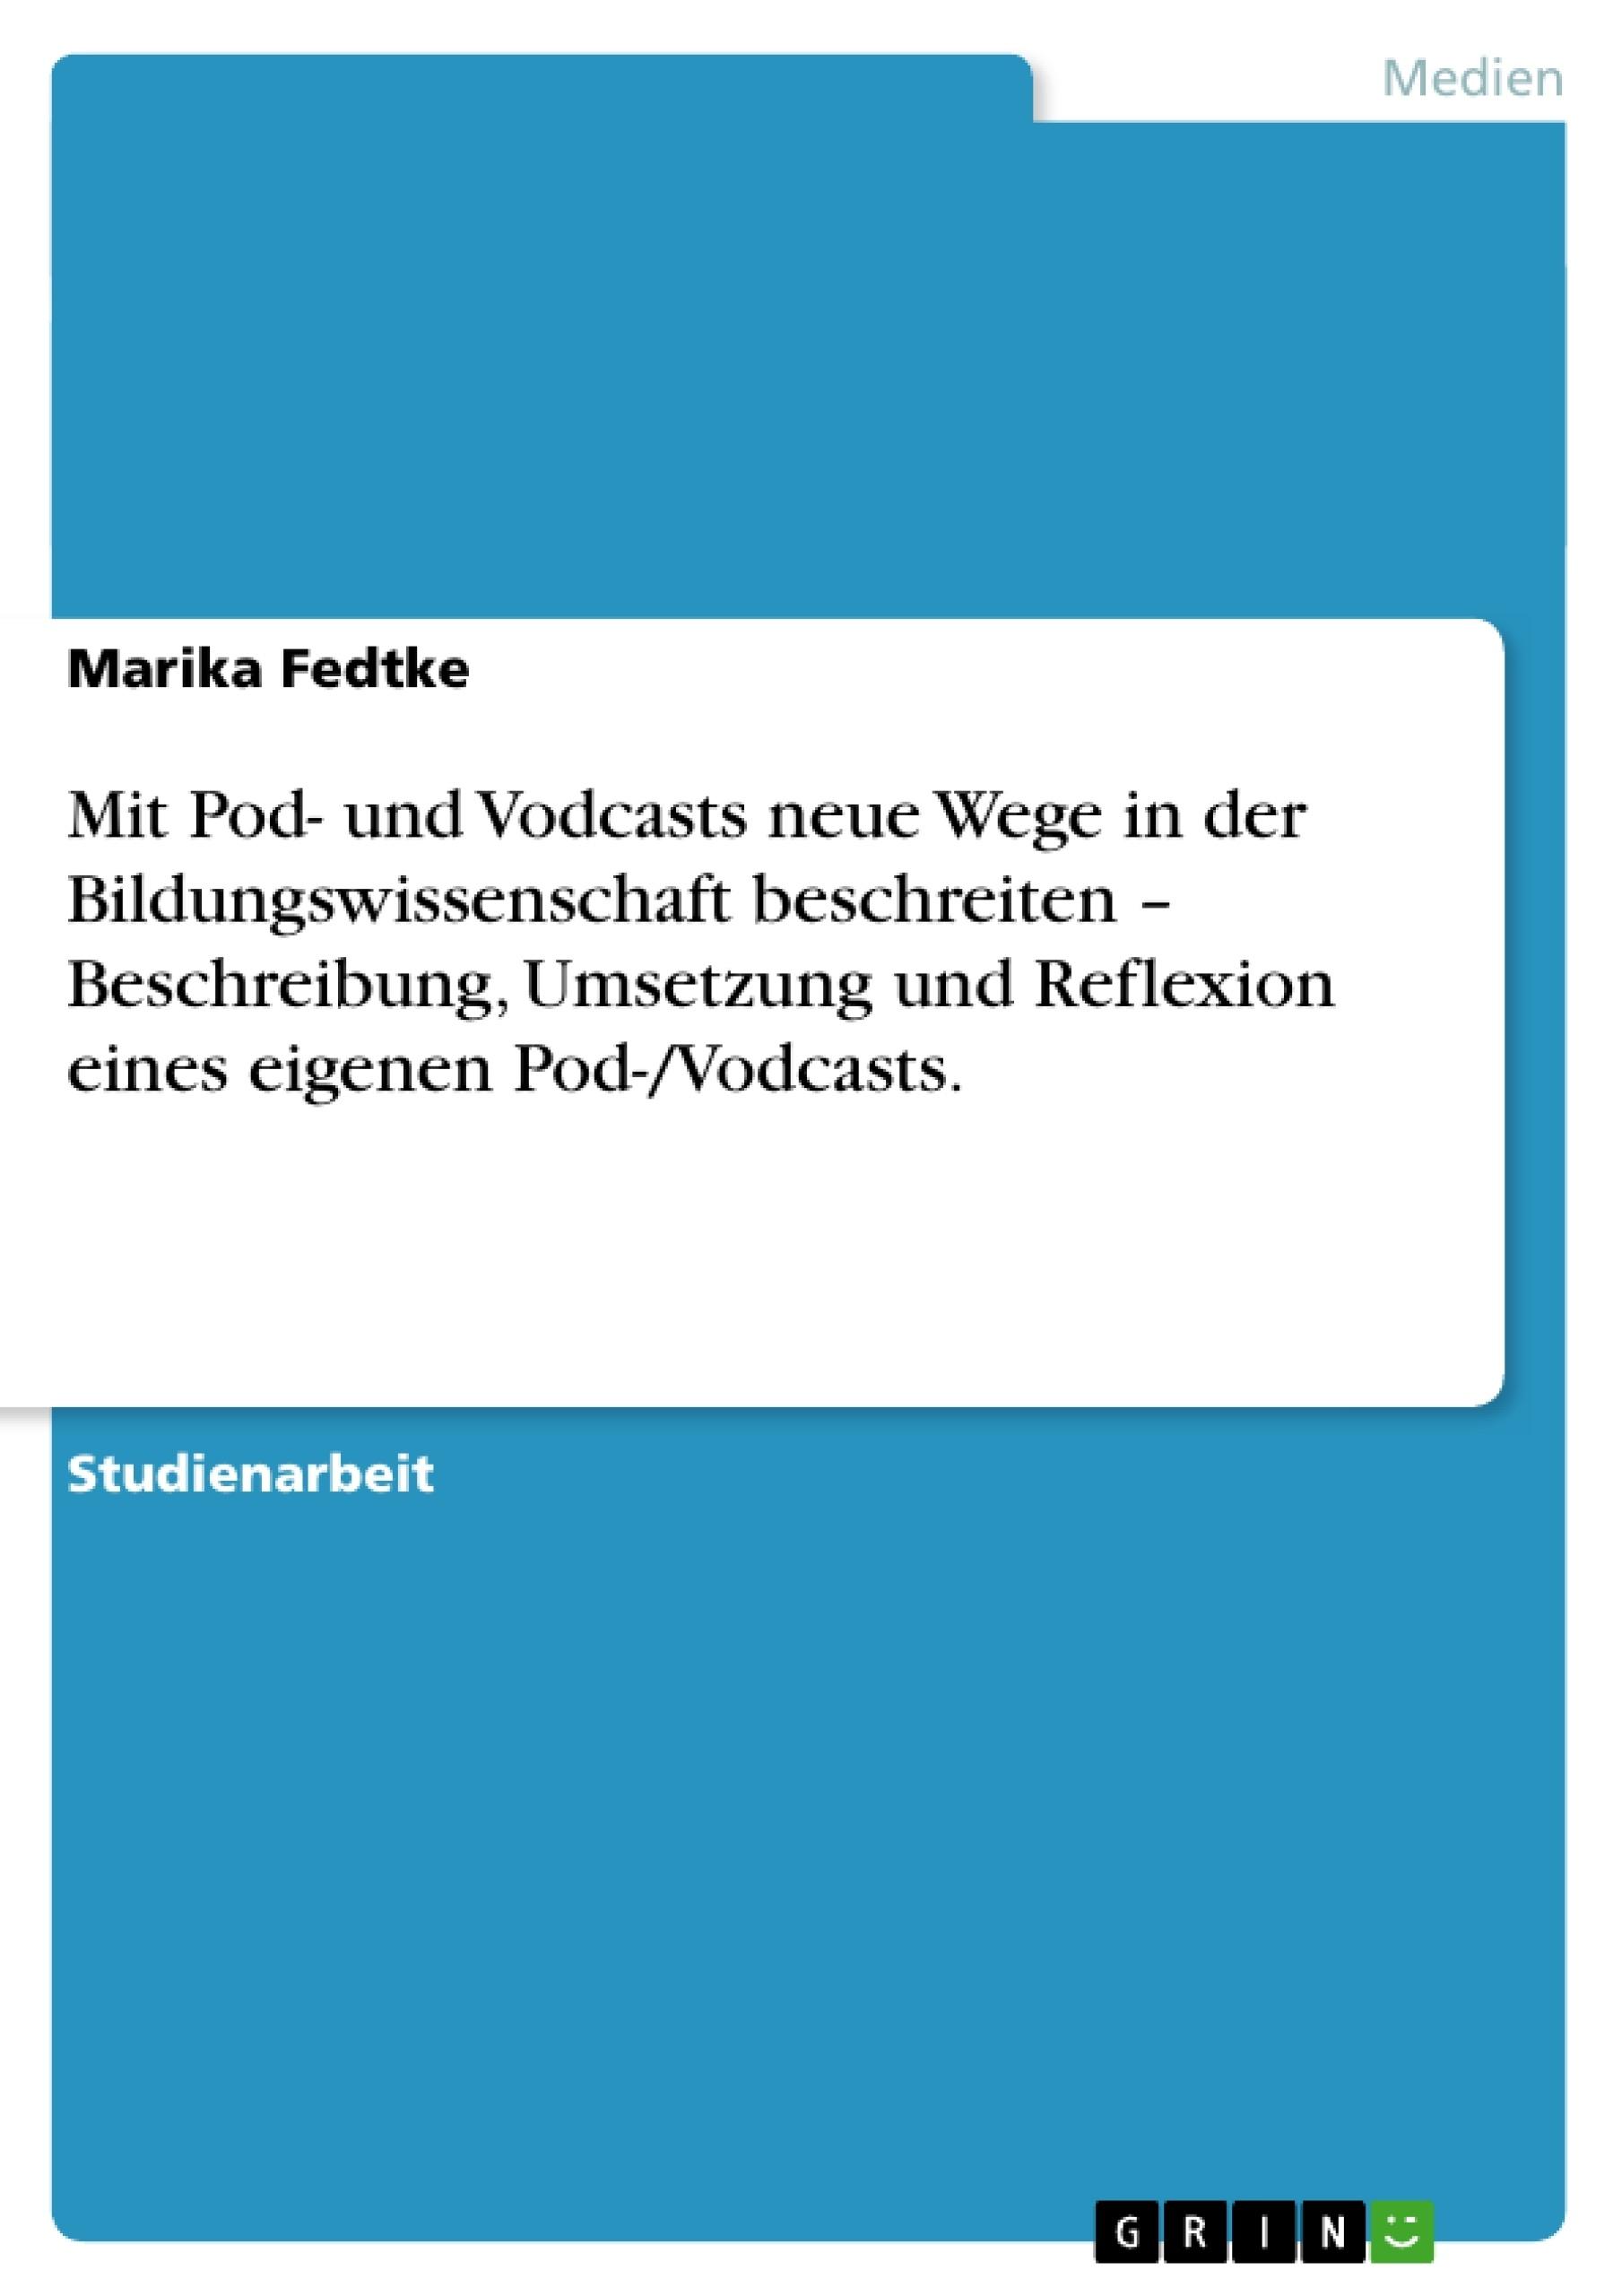 Titel: Mit Pod- und Vodcasts neue Wege in der Bildungswissenschaft beschreiten – Beschreibung, Umsetzung und Reflexion eines eigenen Pod-/Vodcasts.